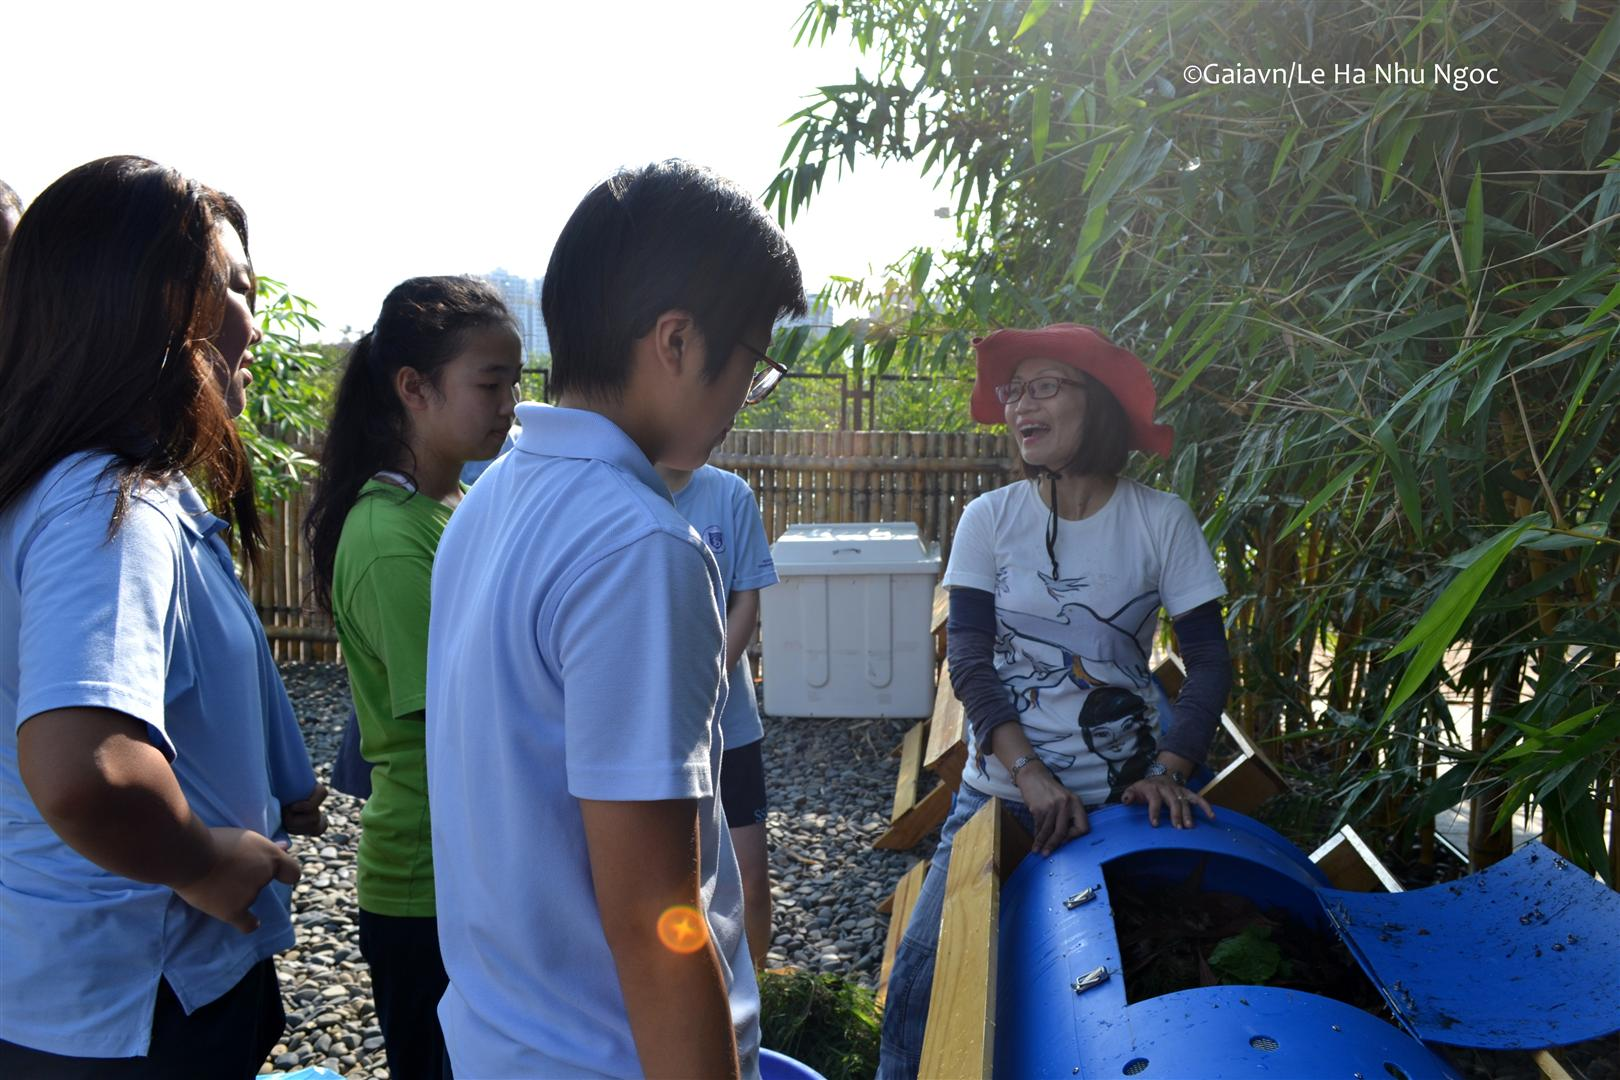 Bà Thanh Huyền hướng dẫn học sinh quy trình thực hiện